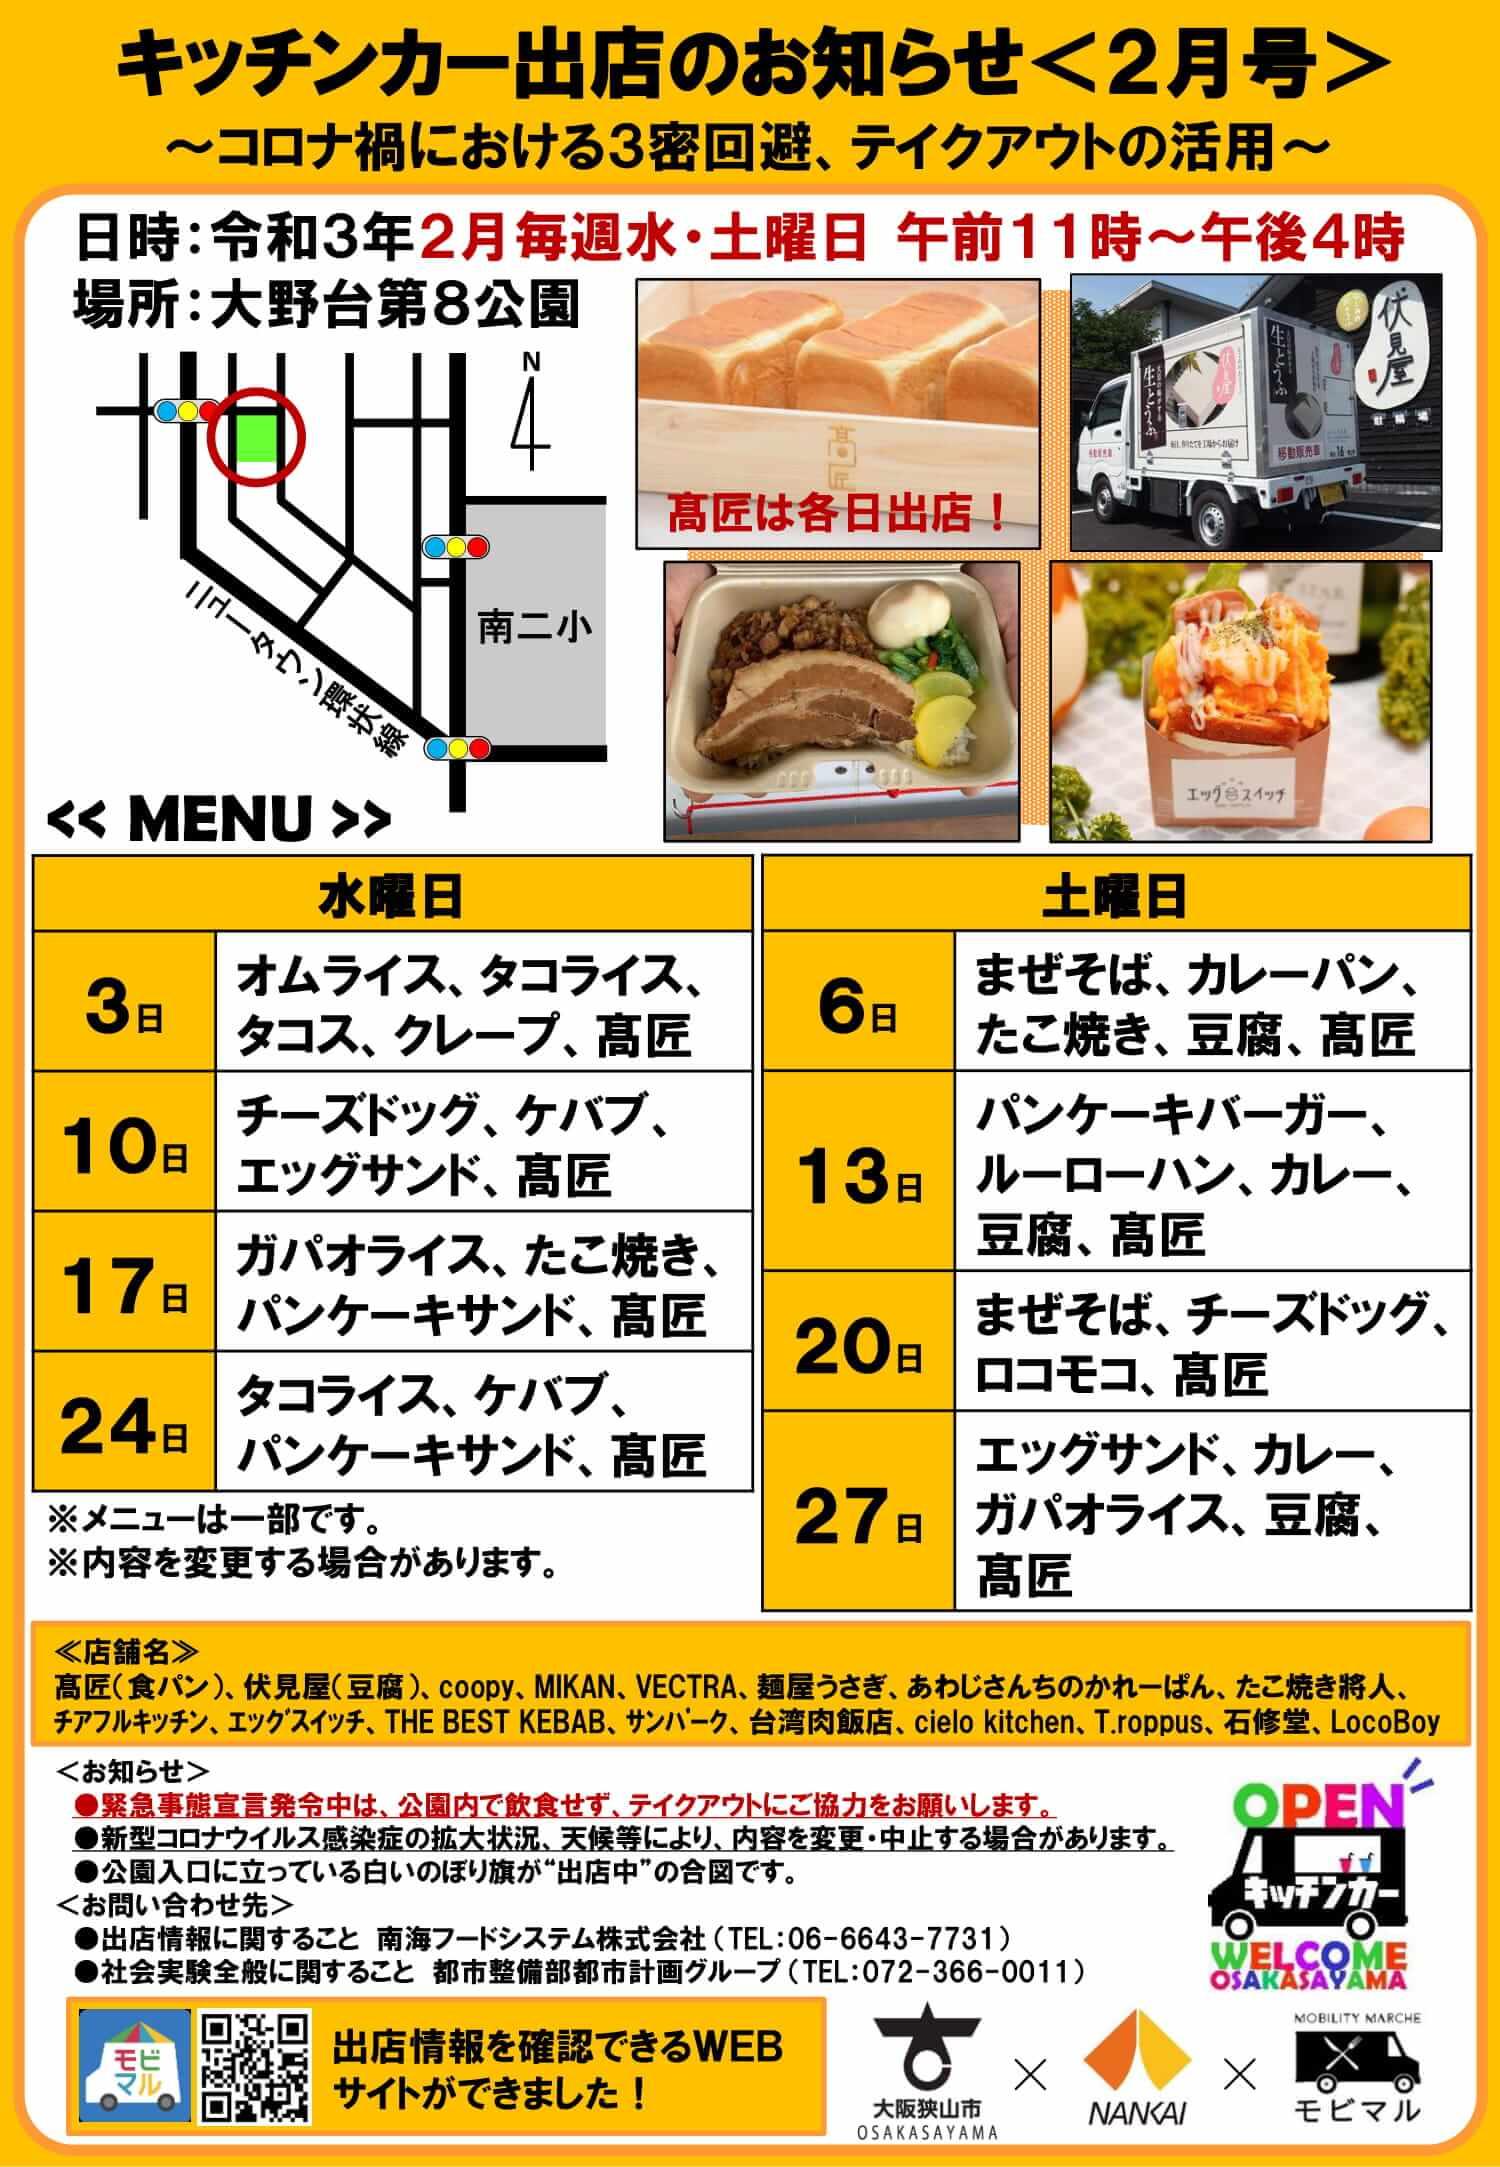 2月大野台【出店情報は随時更新】大阪狭山市に「キッチンカーがやってくる!」出店日の様子も掲載中です